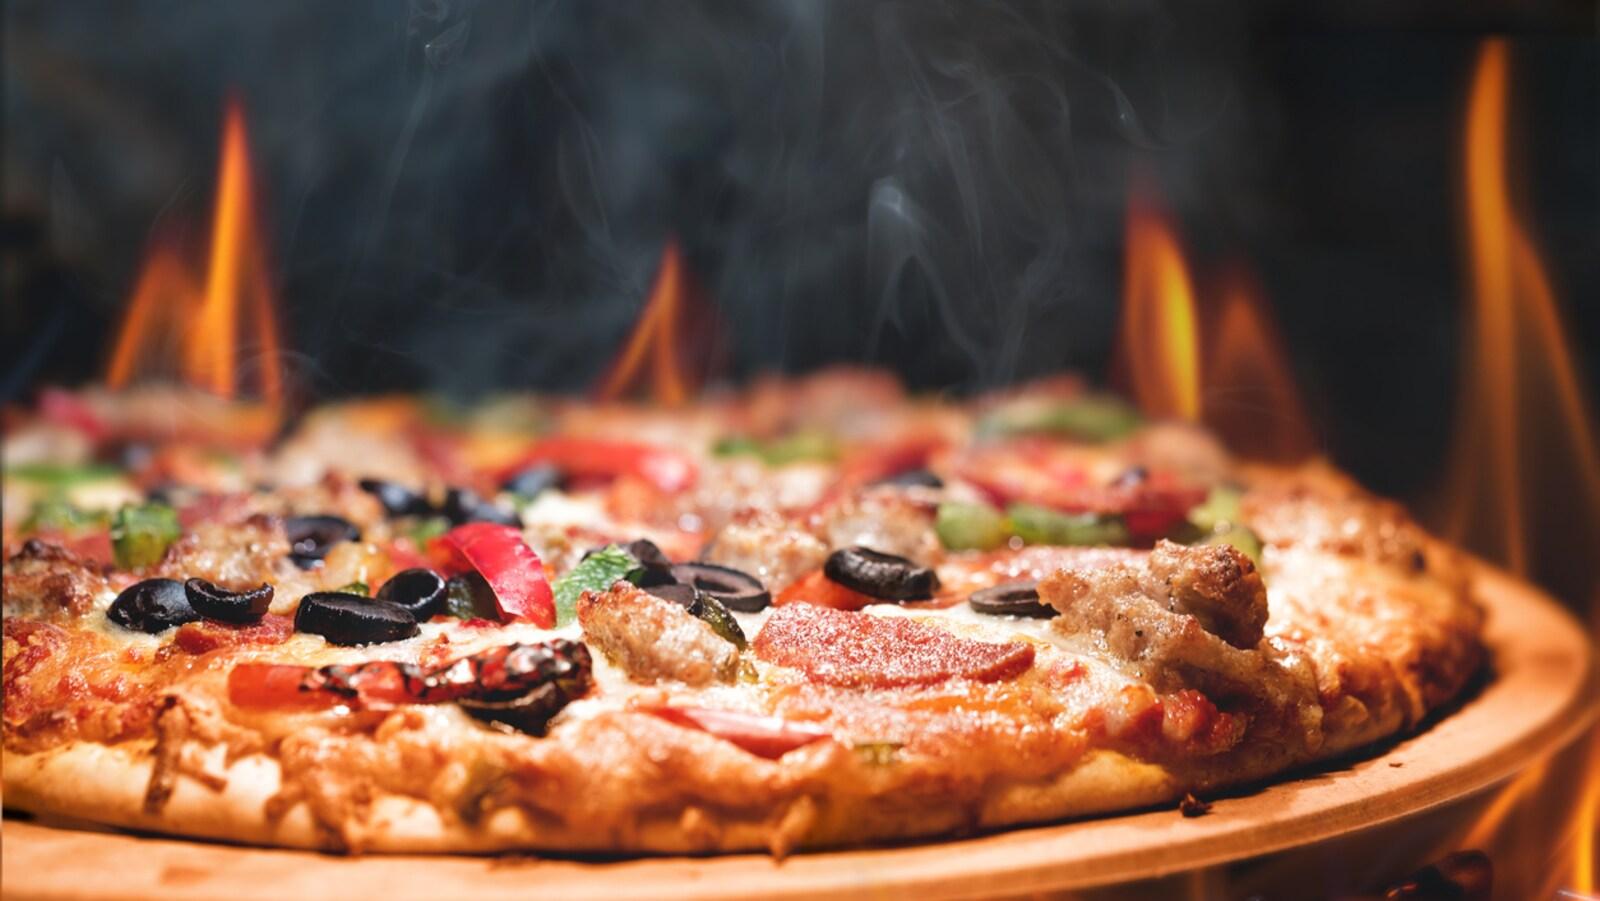 Une pizza dans un four, avec des flammes.